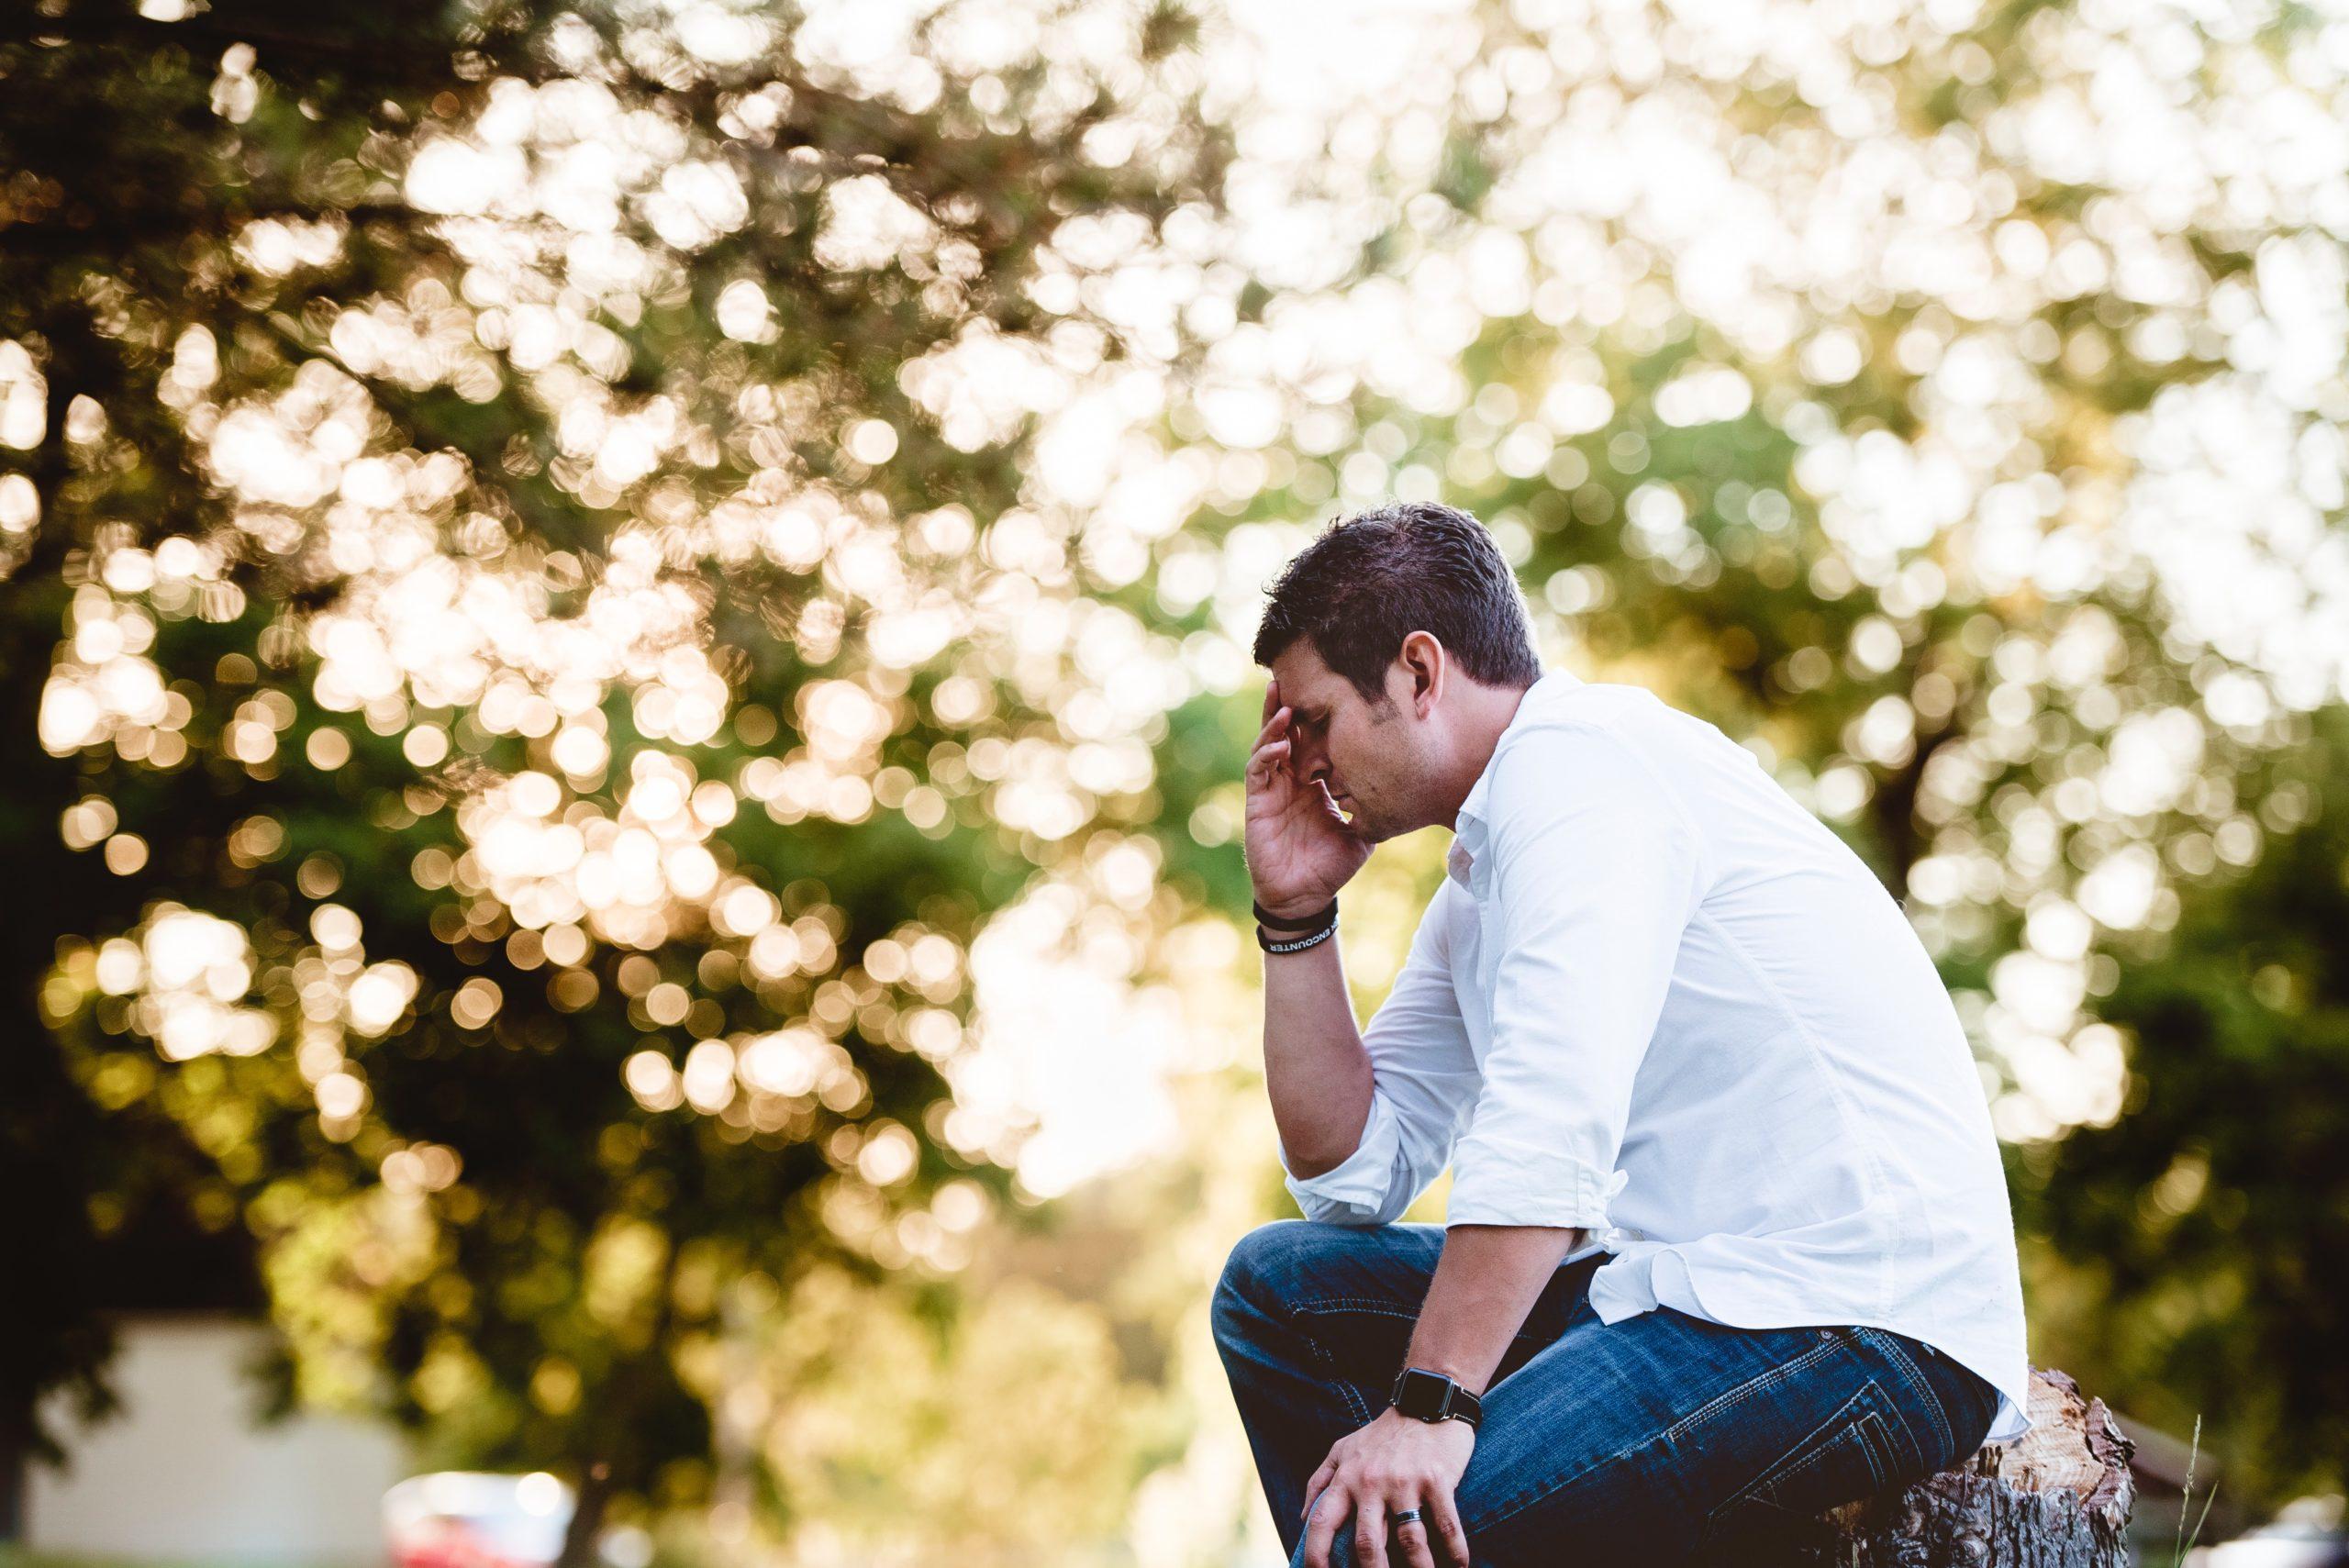 仕事を辞めたいと思った時に人間関係だった場合は辞めるのもありです!